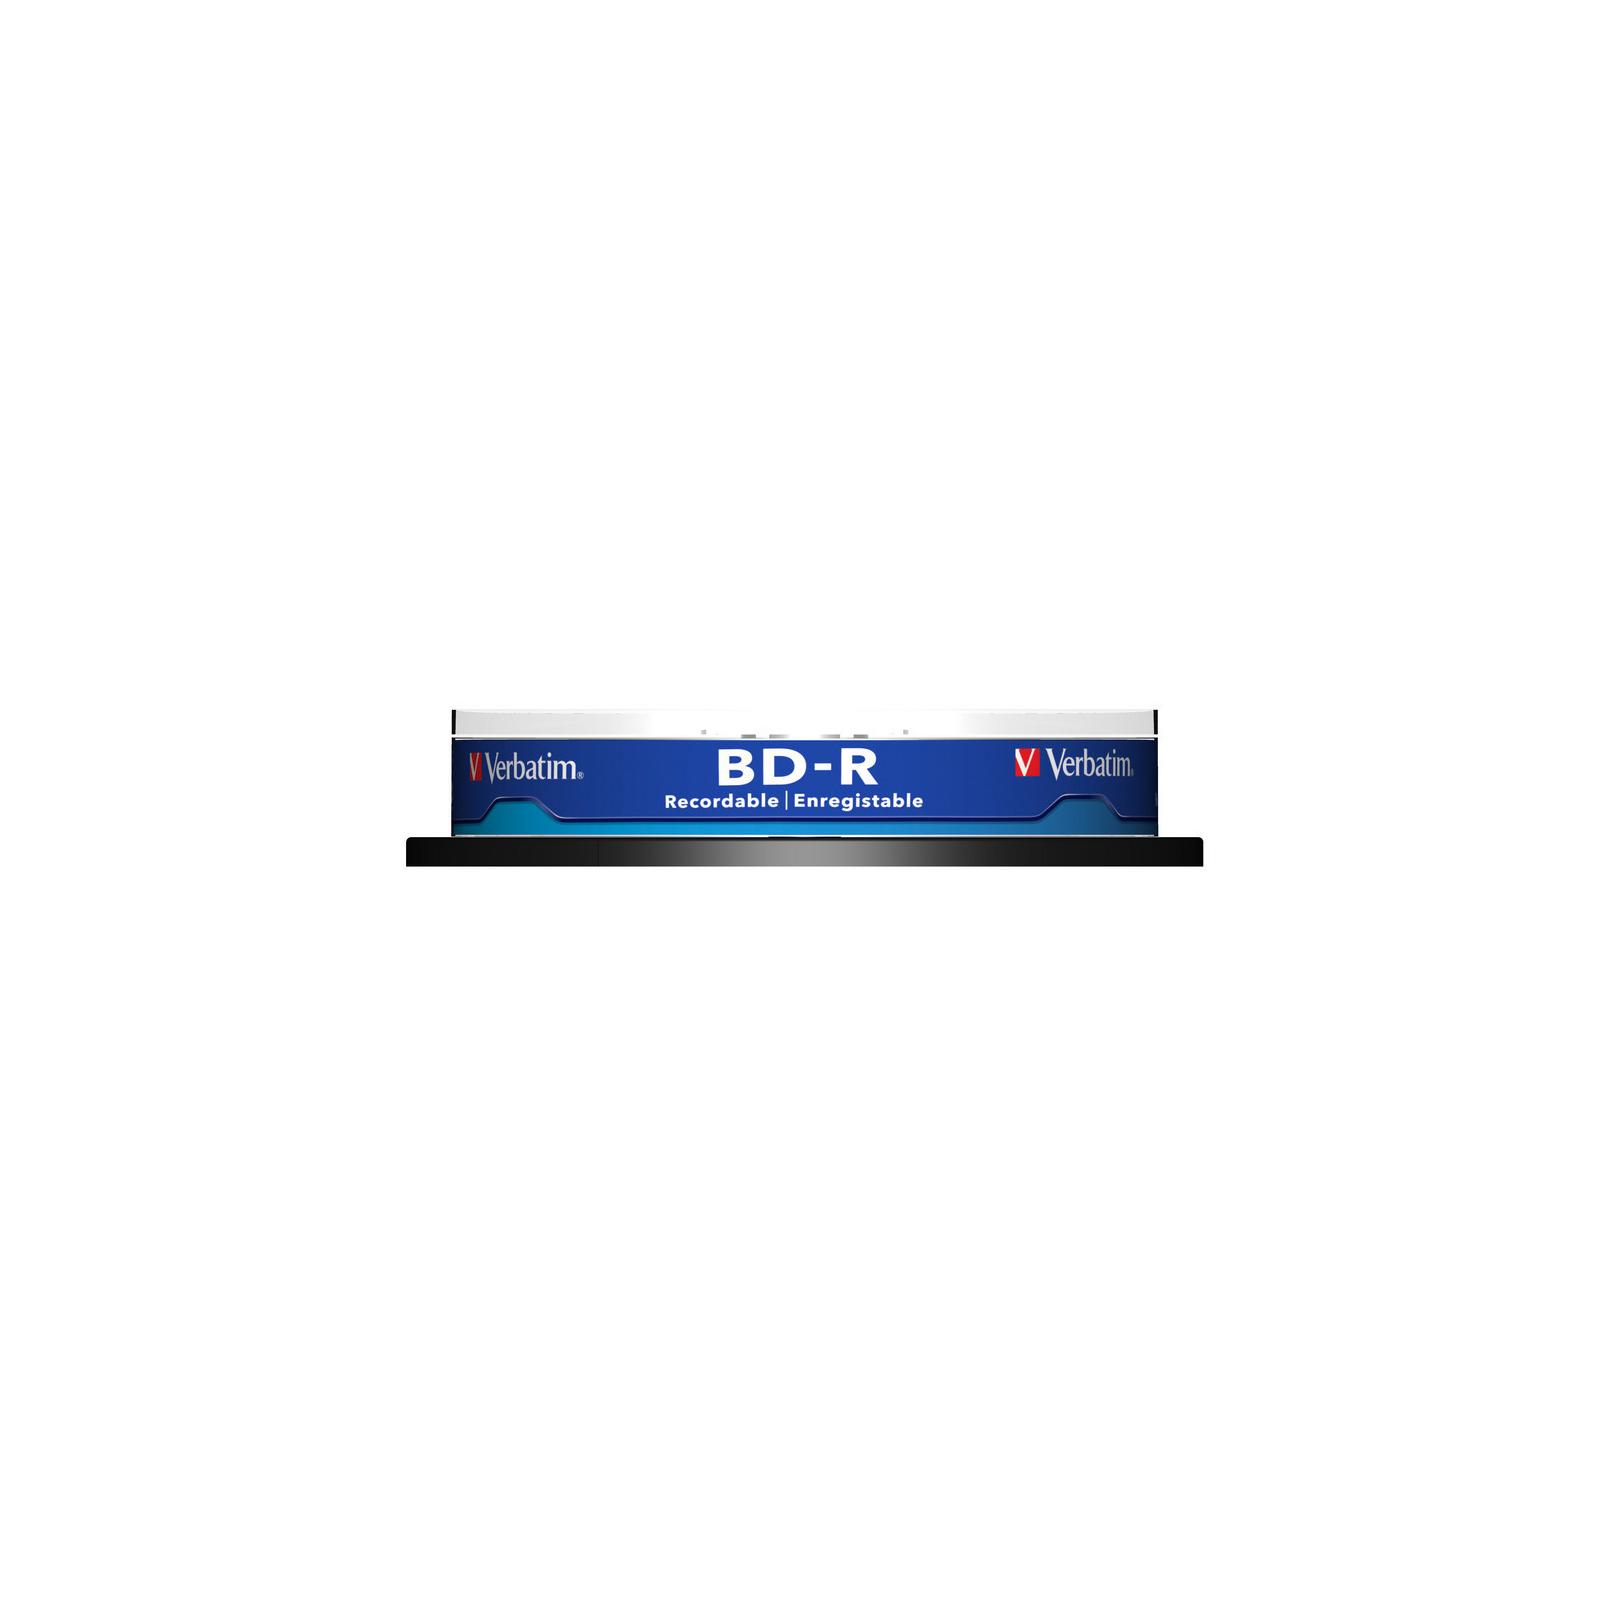 Диск BD Verbatim 25Gb 6x Cacke 10шт (43742) изображение 2